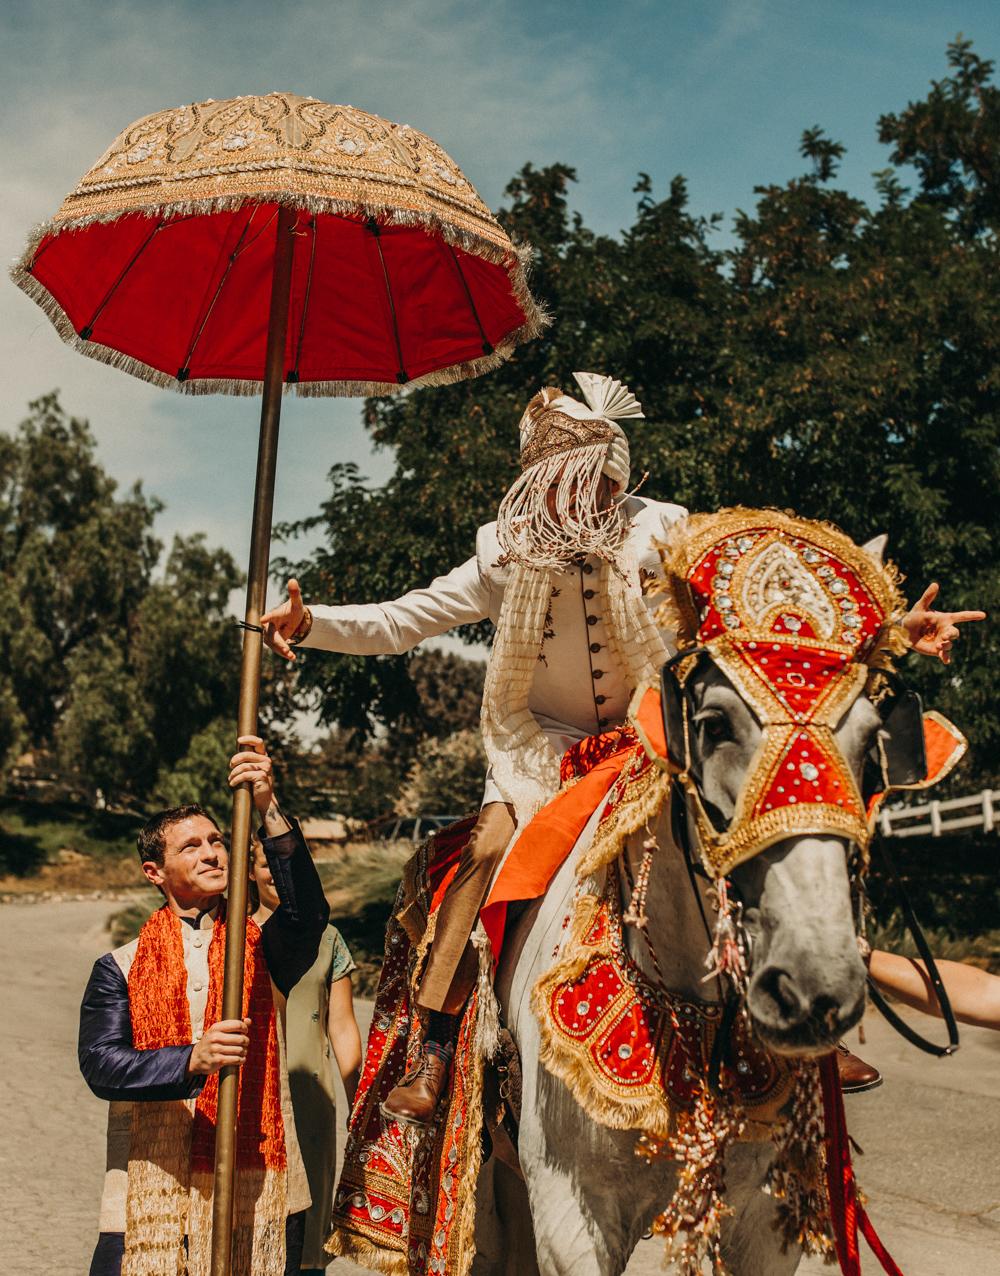 hindu-wedding-baraat-20180721-079A4763.jpg